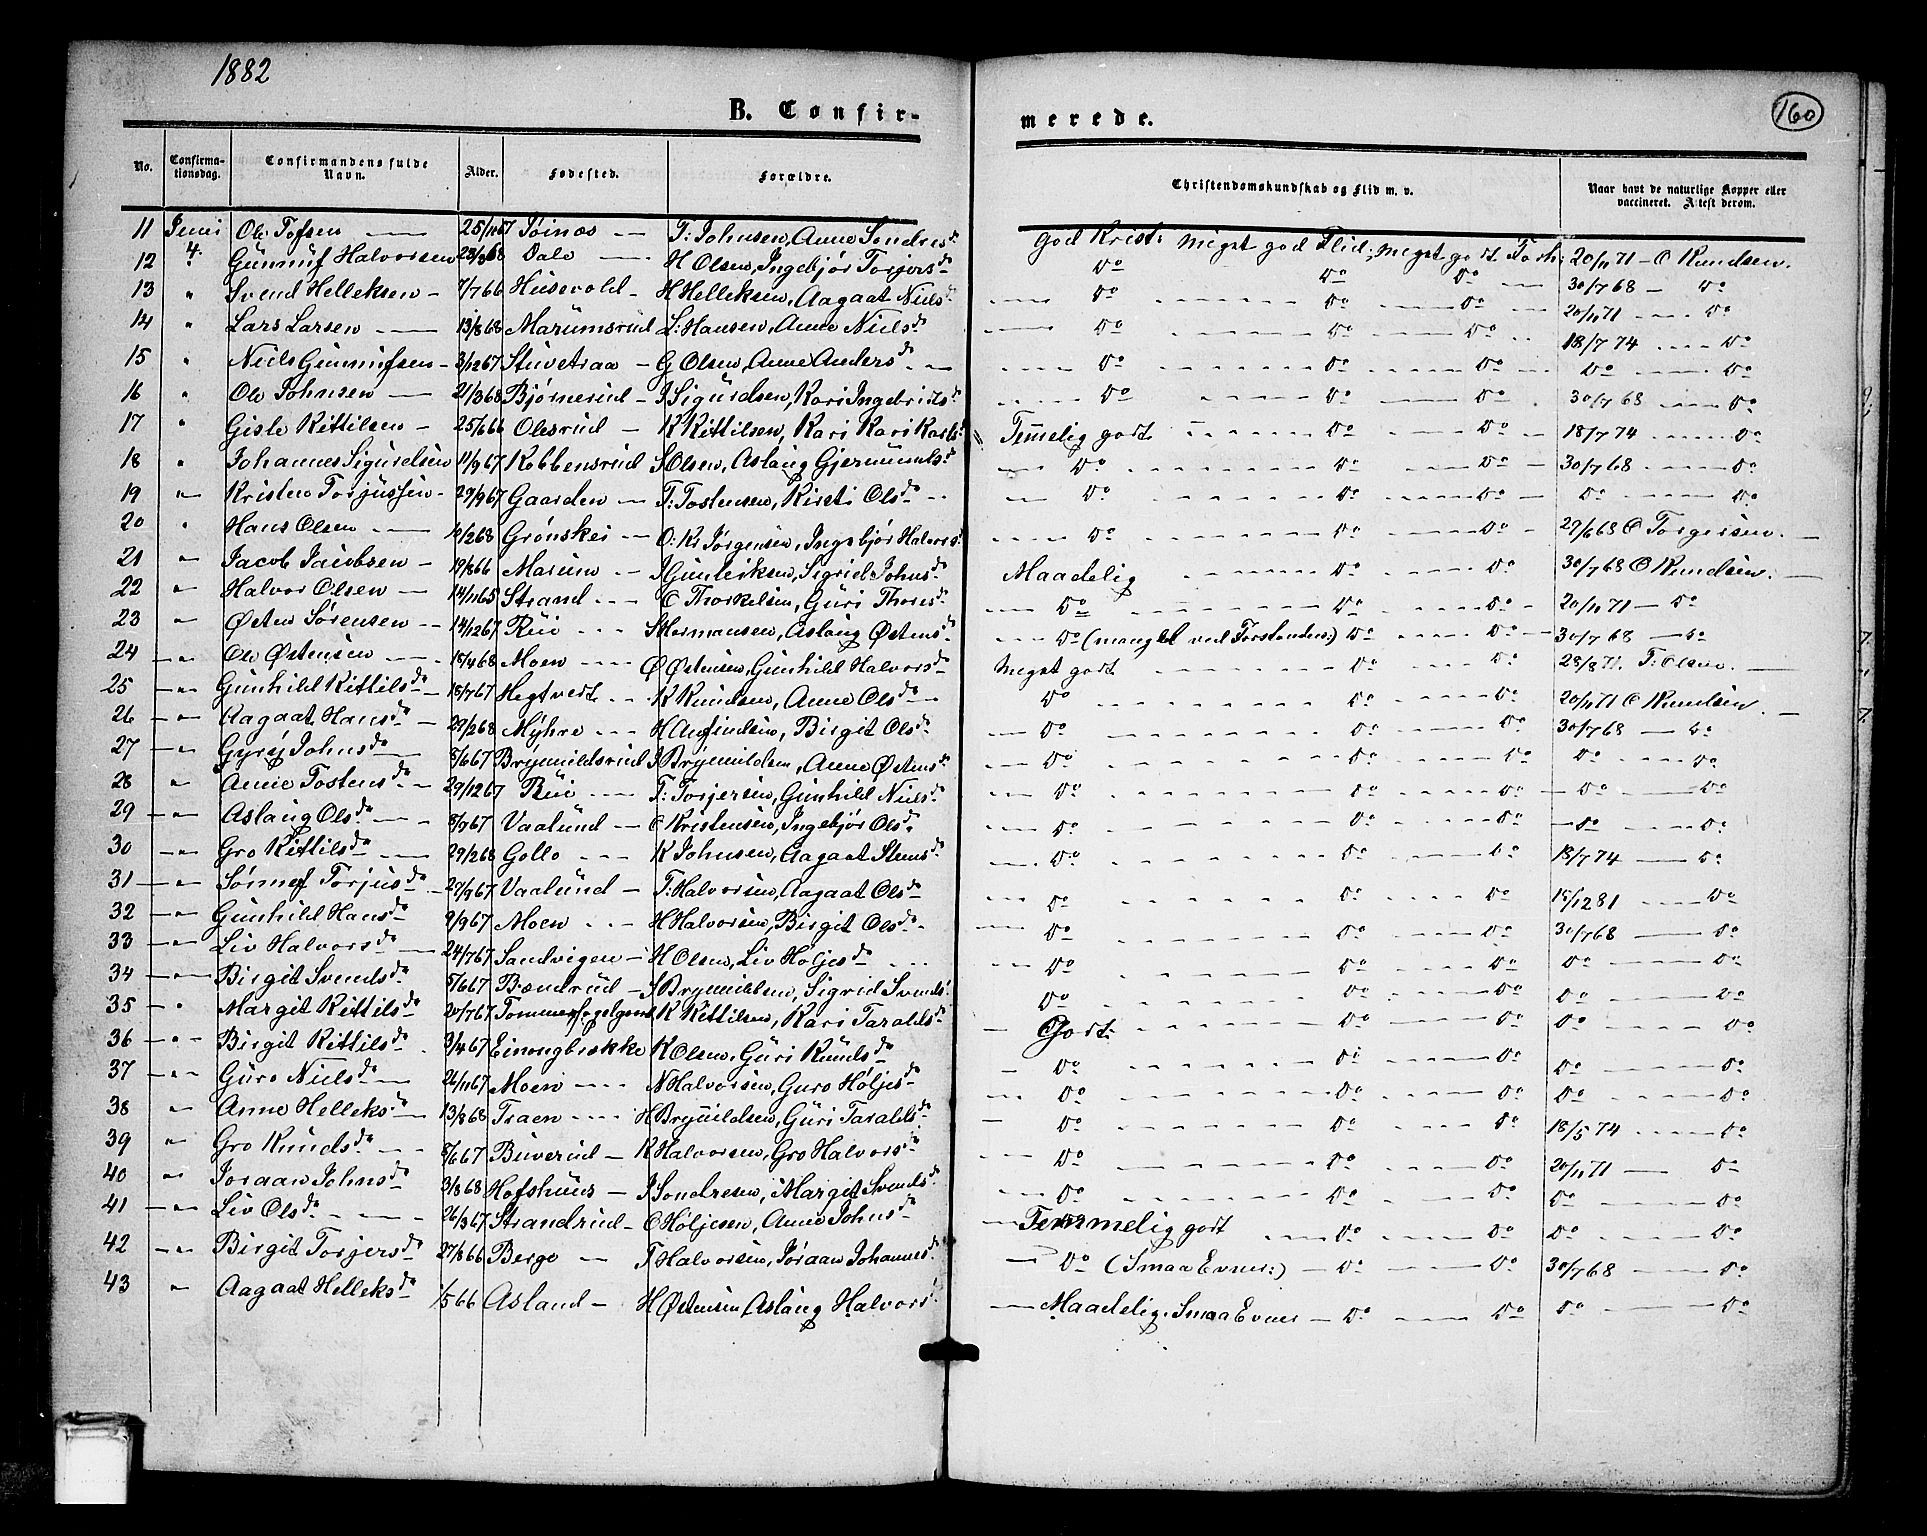 SAKO, Tinn kirkebøker, G/Ga/L0002: Klokkerbok nr. I 2, 1851-1883, s. 160